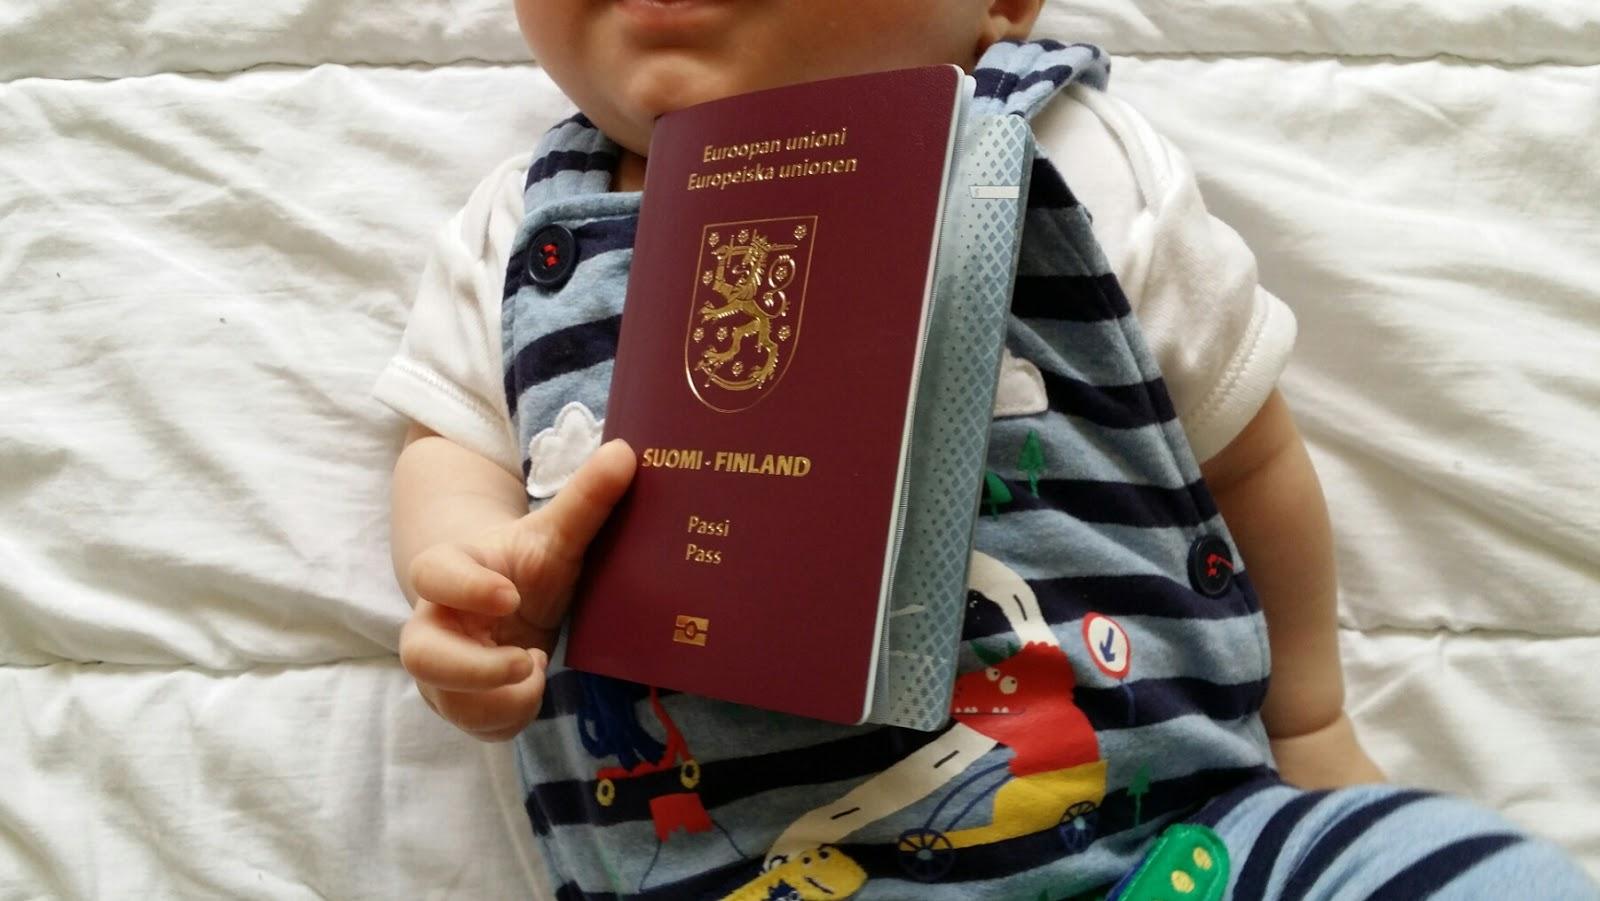 Vauvan Passi